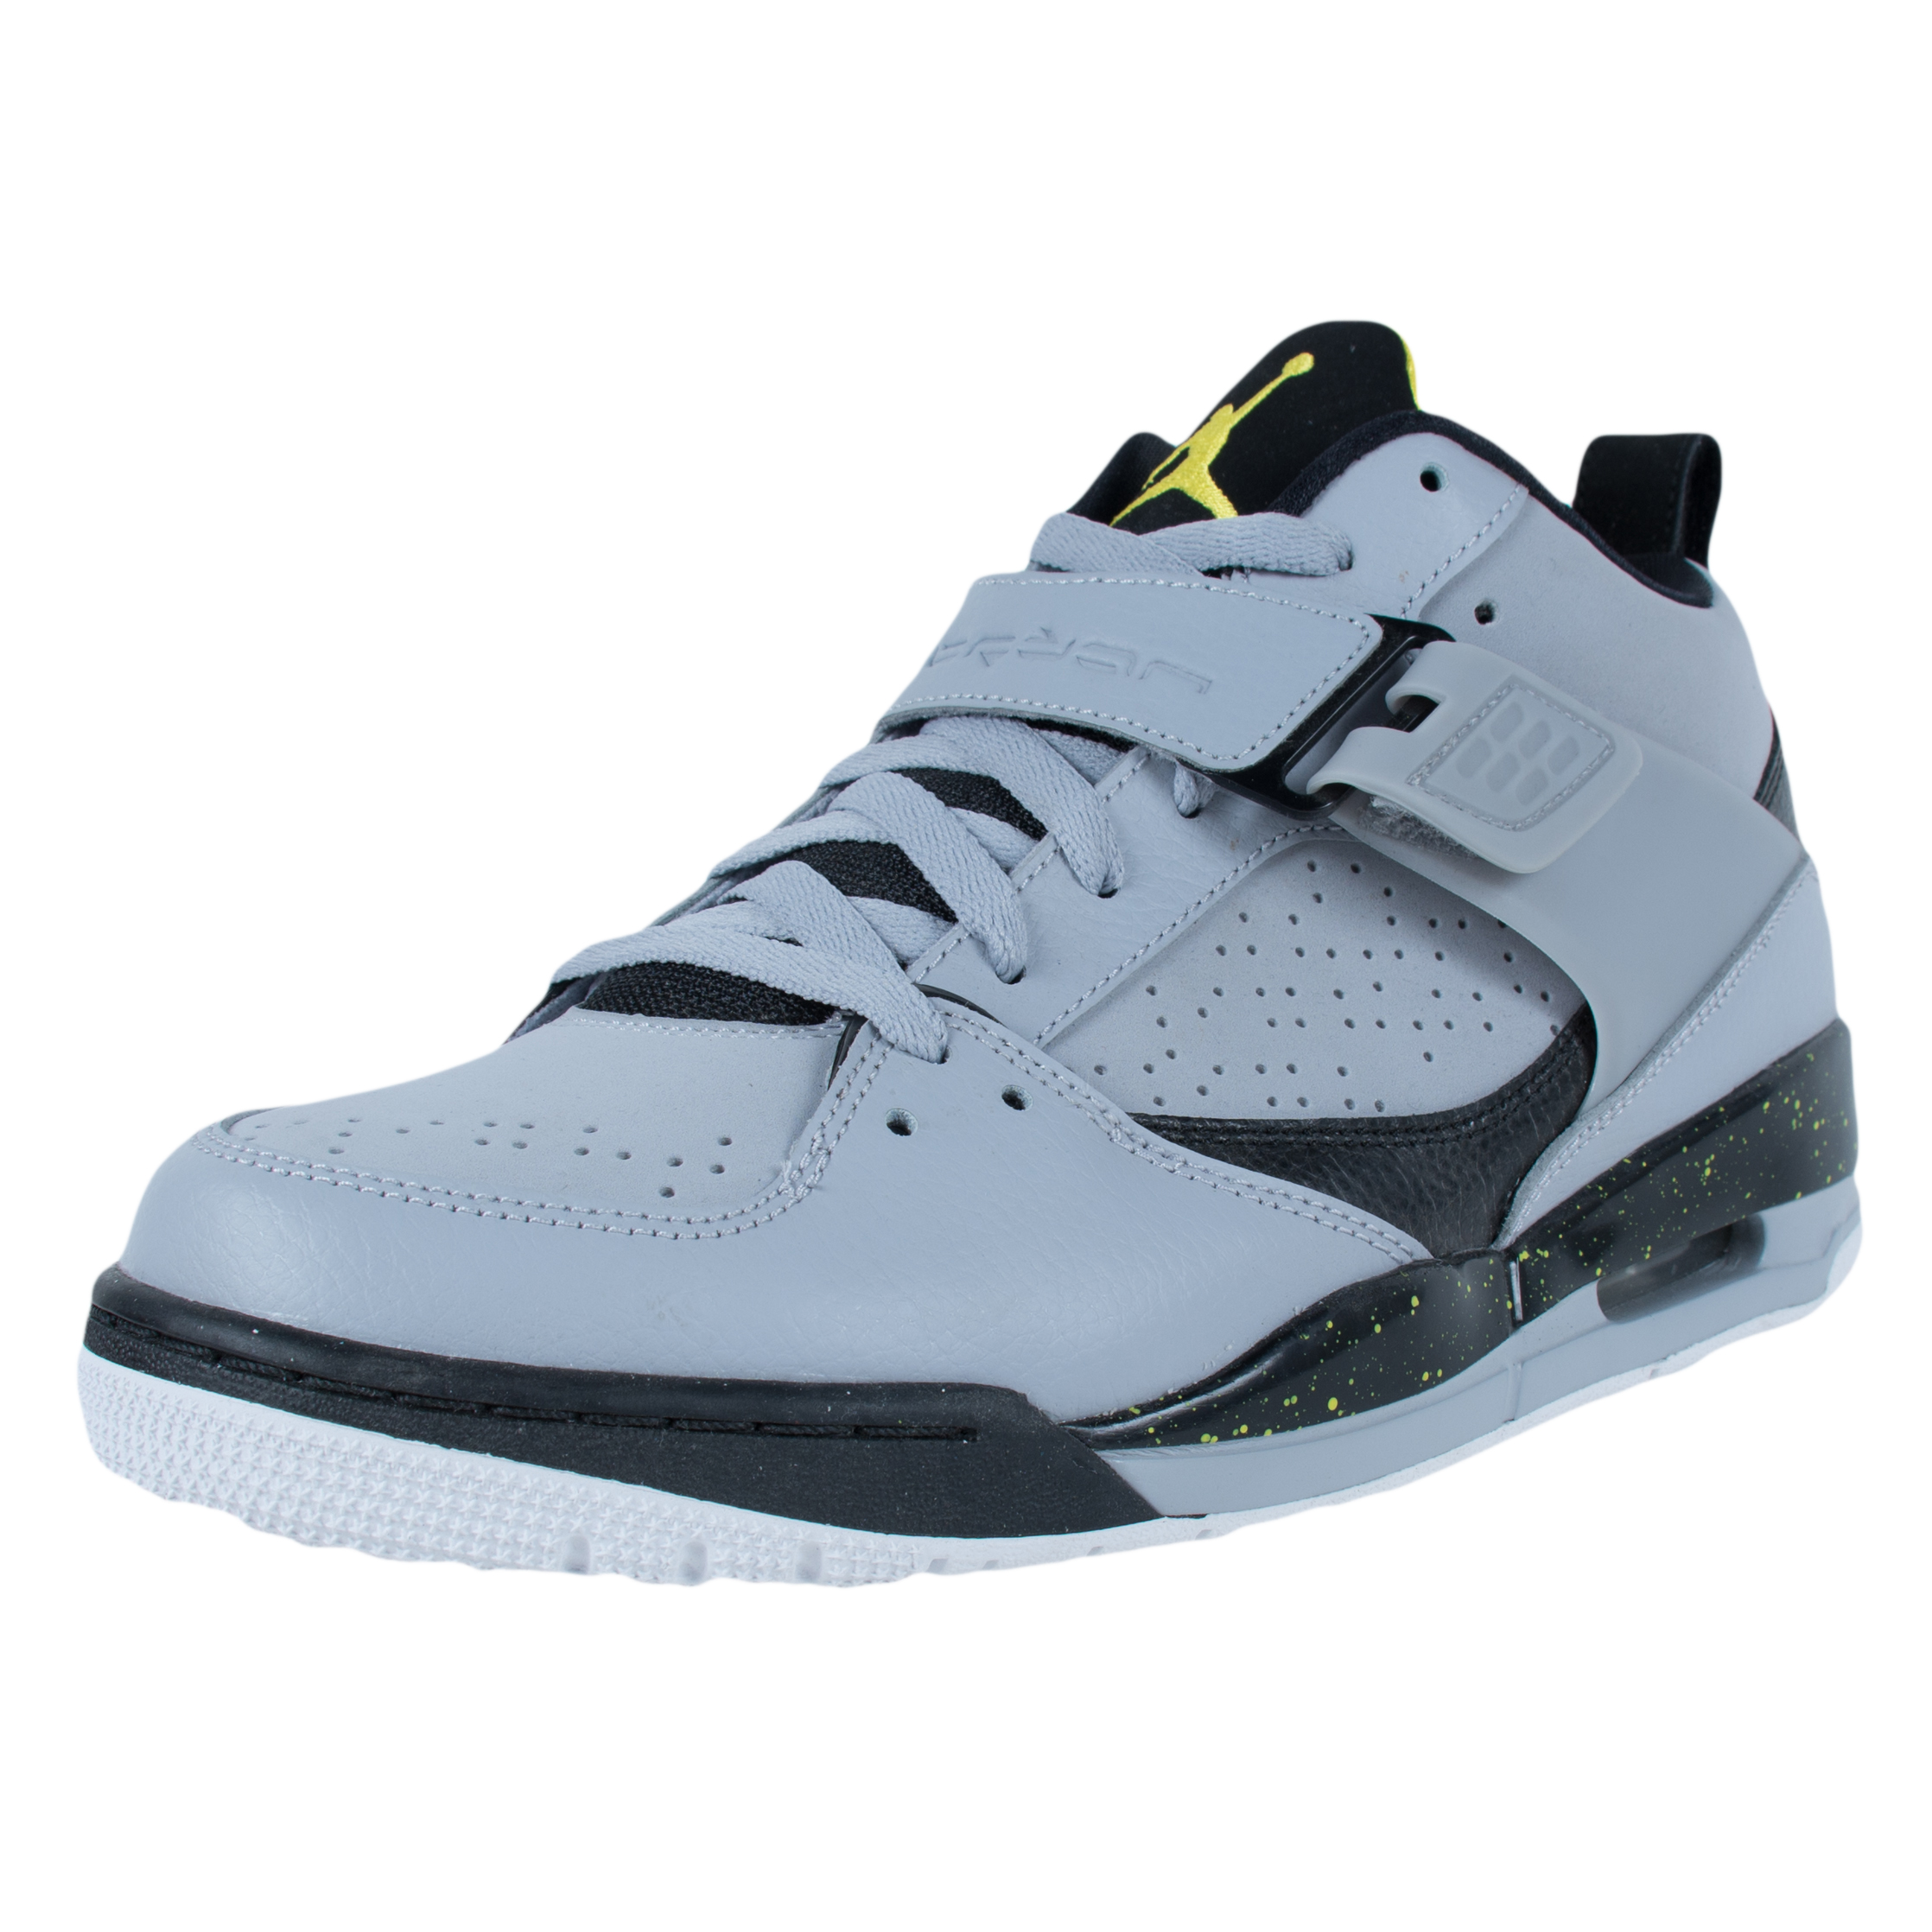 Jordan Nike Air Jordan Flight 45 Basketball Shoes Wolf Grey